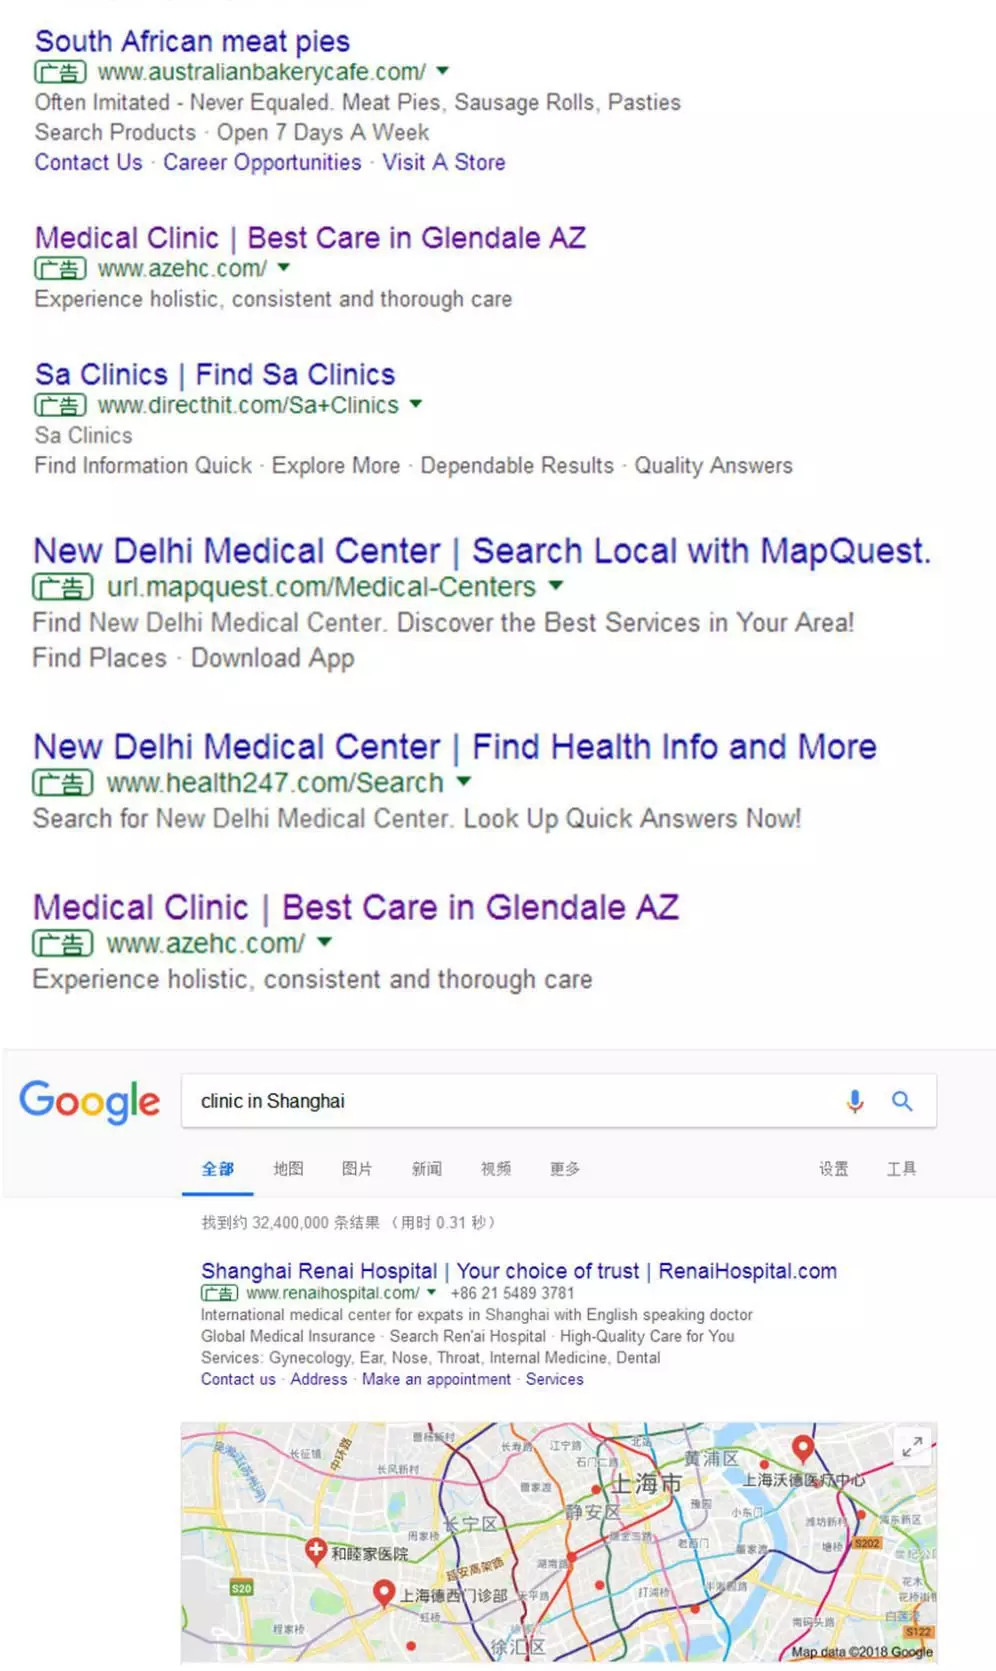 如果按照中國標準,谷歌的醫療廣告是否合規?